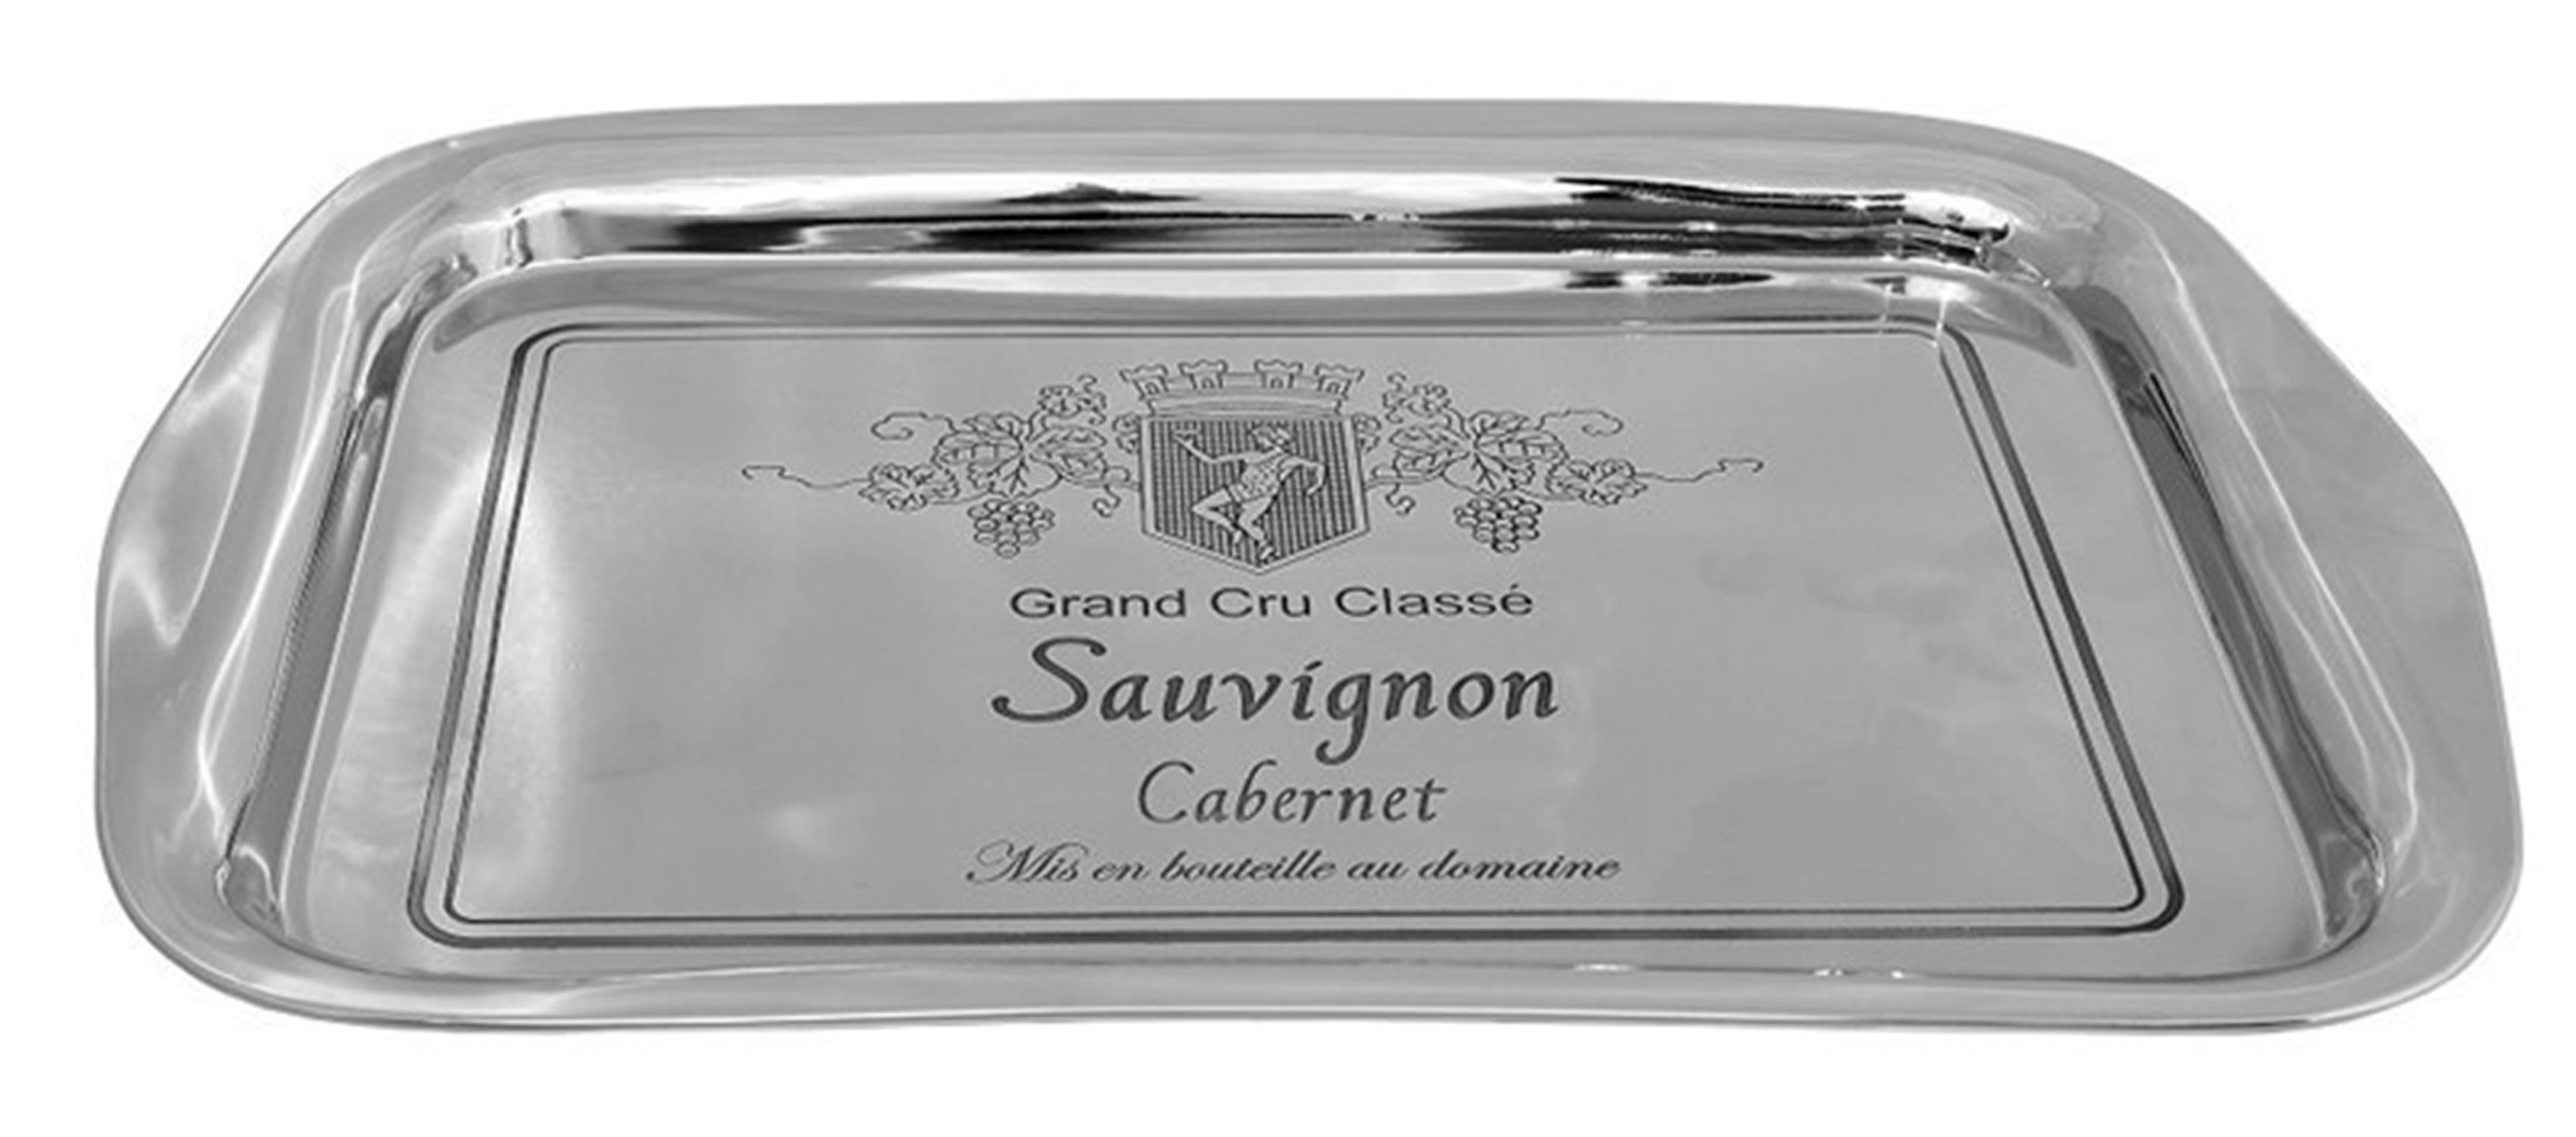 Δίσκος Sauvignon ανοξείδωτος ασημί 45x30x2.5cm Espiel LES132